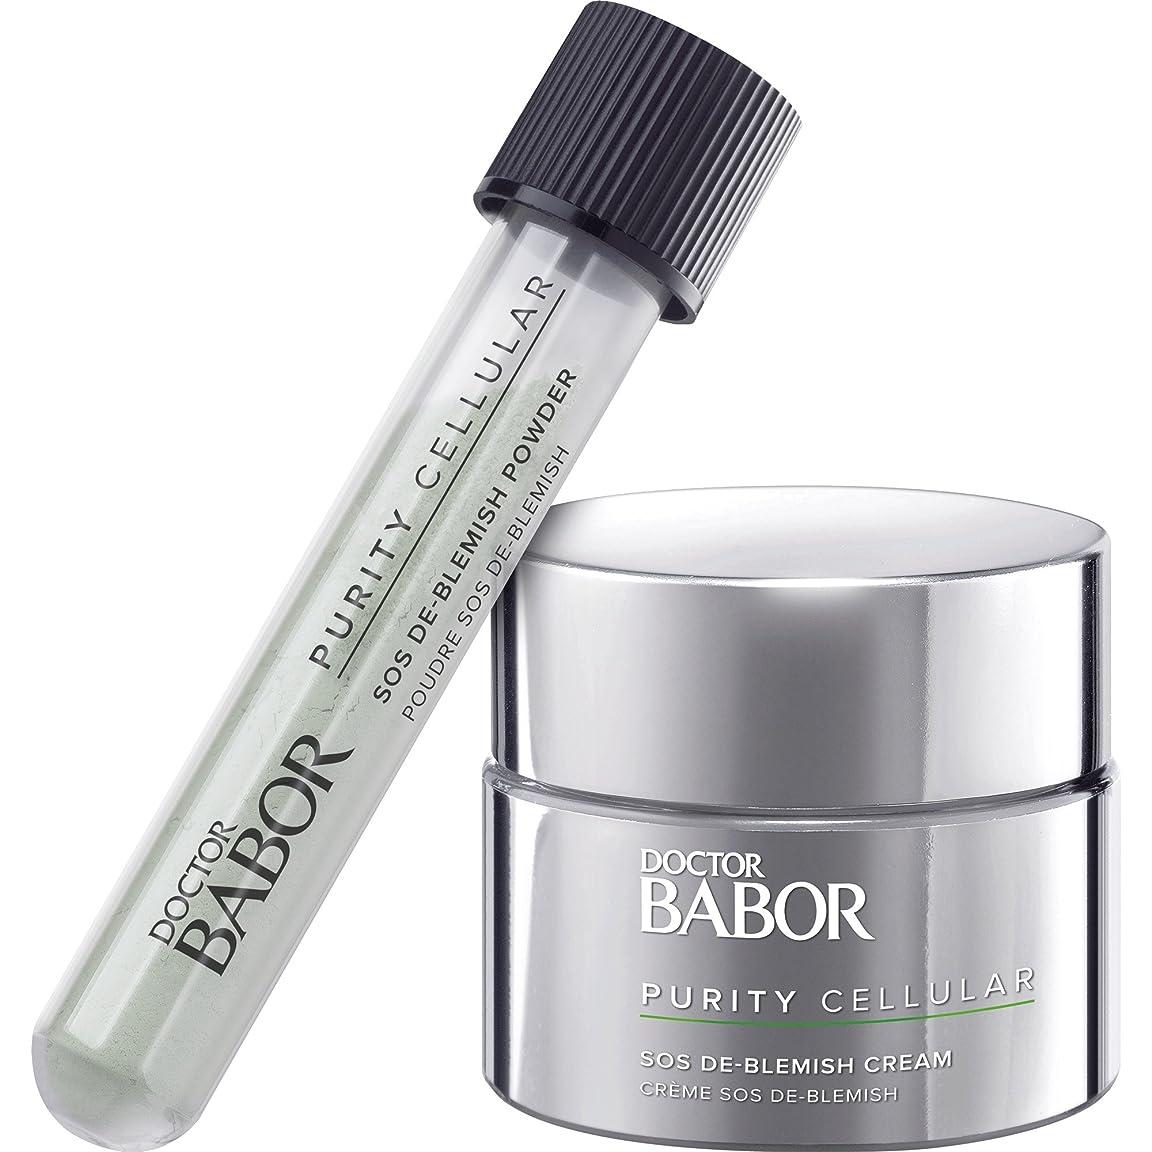 指標フェリー残忍なバボール Doctor Babor Purity Cellular SOS De-Blemish Kit: De-Blemish Cream 50ml/1.7oz + De-Blemish Powder 5g/0.16oz 2pcs並行輸入品